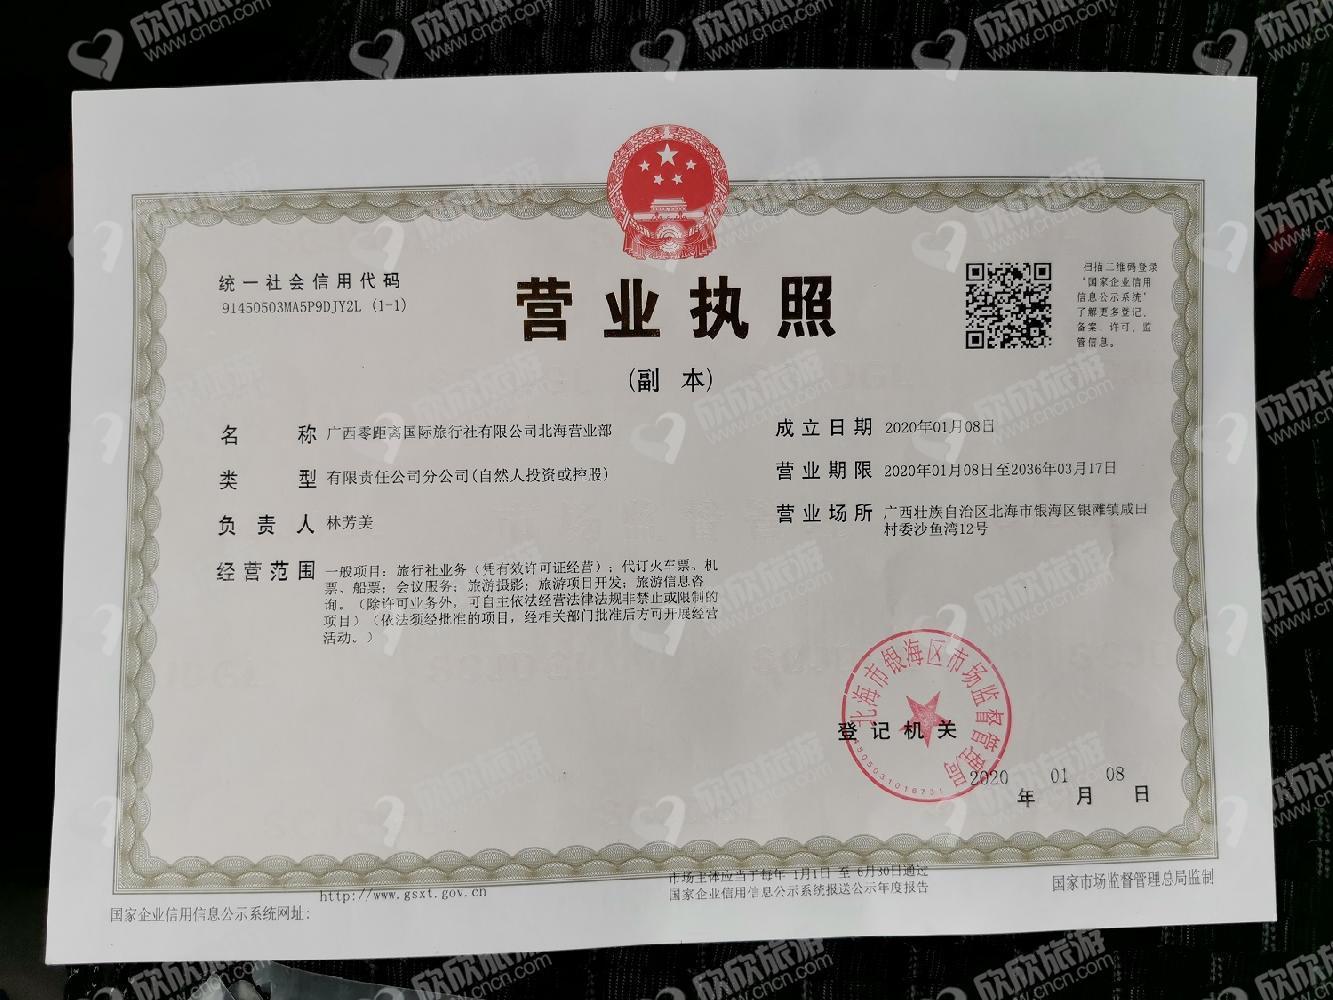 广西零距离国际旅行社有限公司北海营业部营业执照